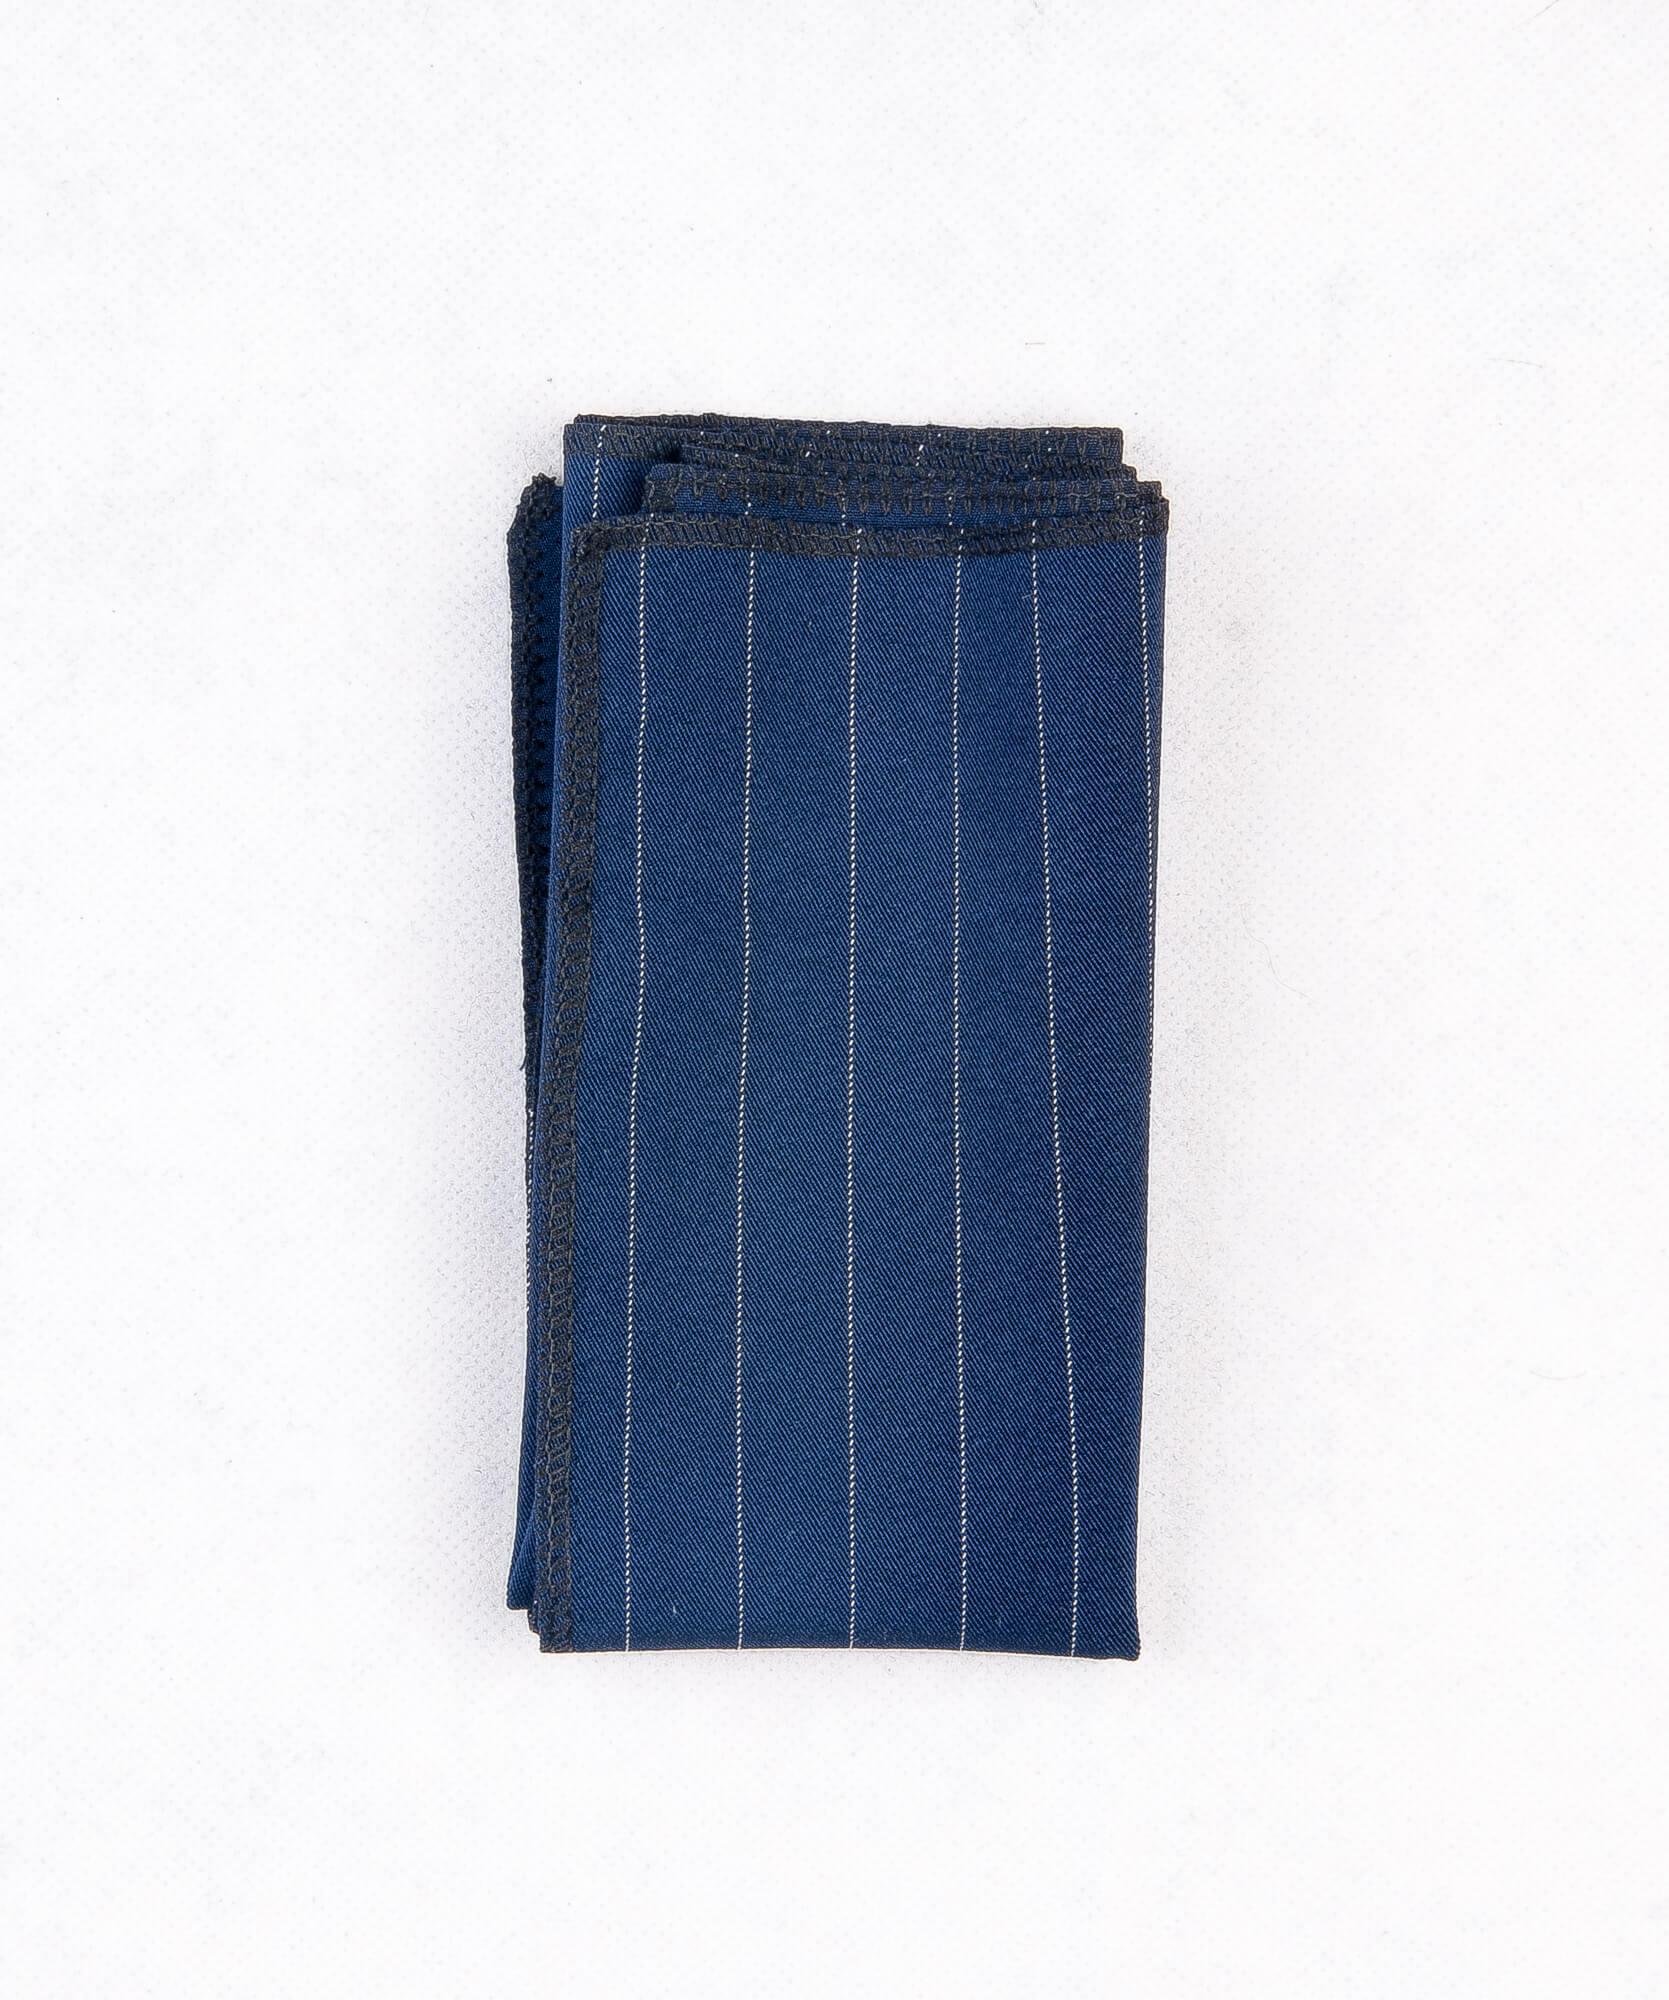 دستمال جیب طرح دار راه راه رنگ سرمه ای PS1006